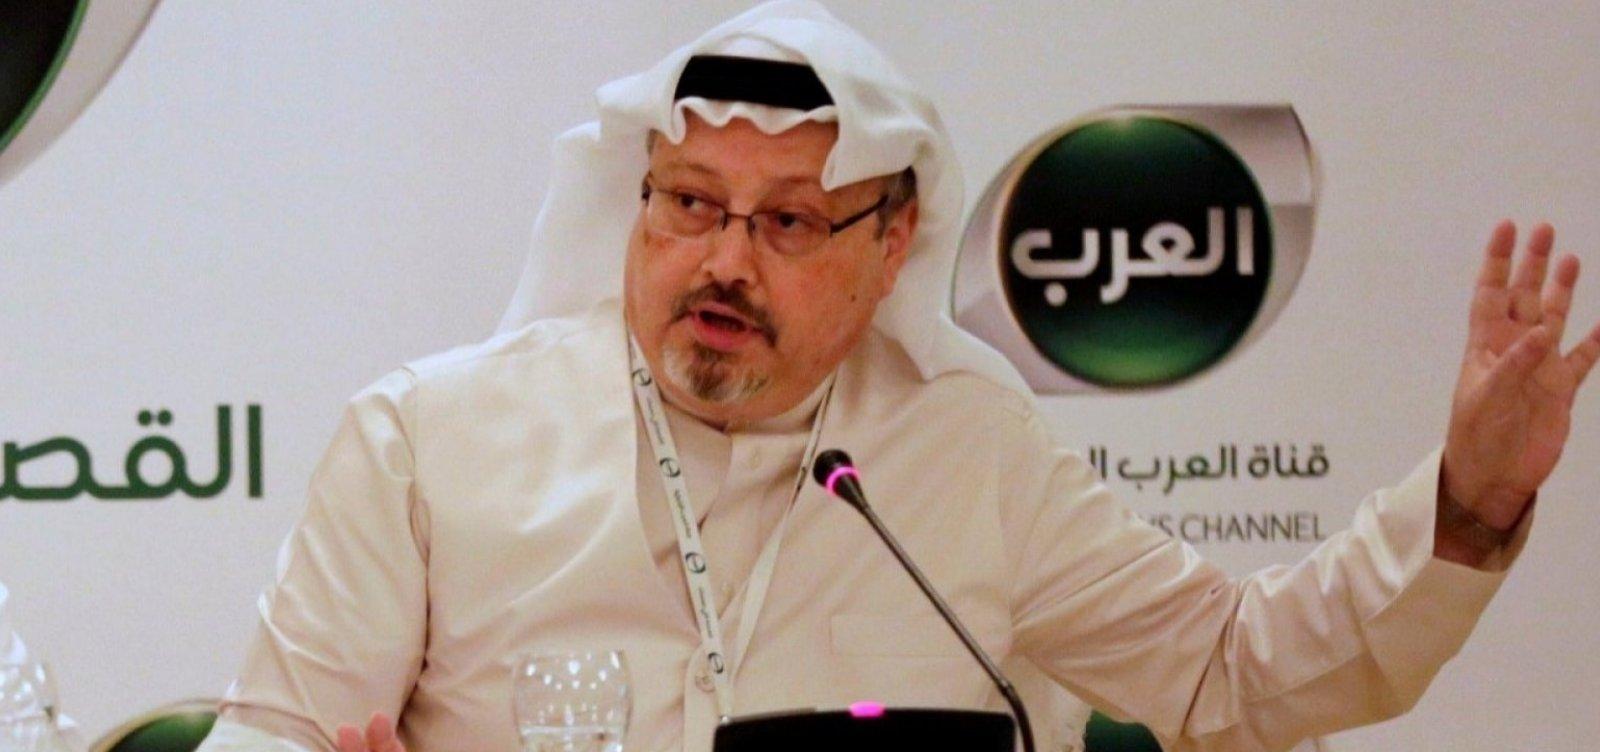 [Partes do corpo de jornalista saudita são encontradas na casa do cônsul]